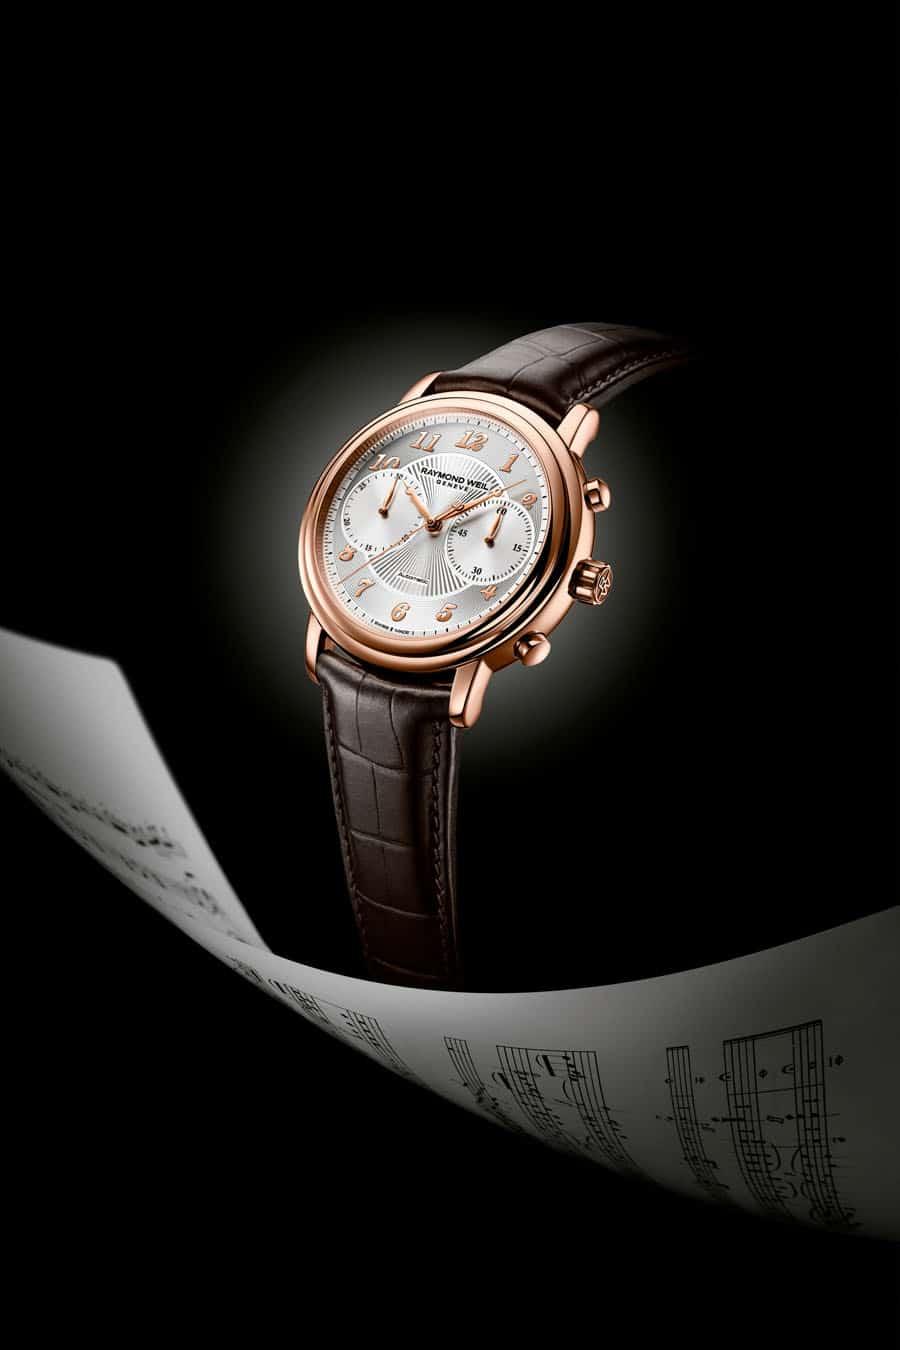 Raymond Weil: Der Maestro Chronograph mit PVD-Roségold Beschichtung